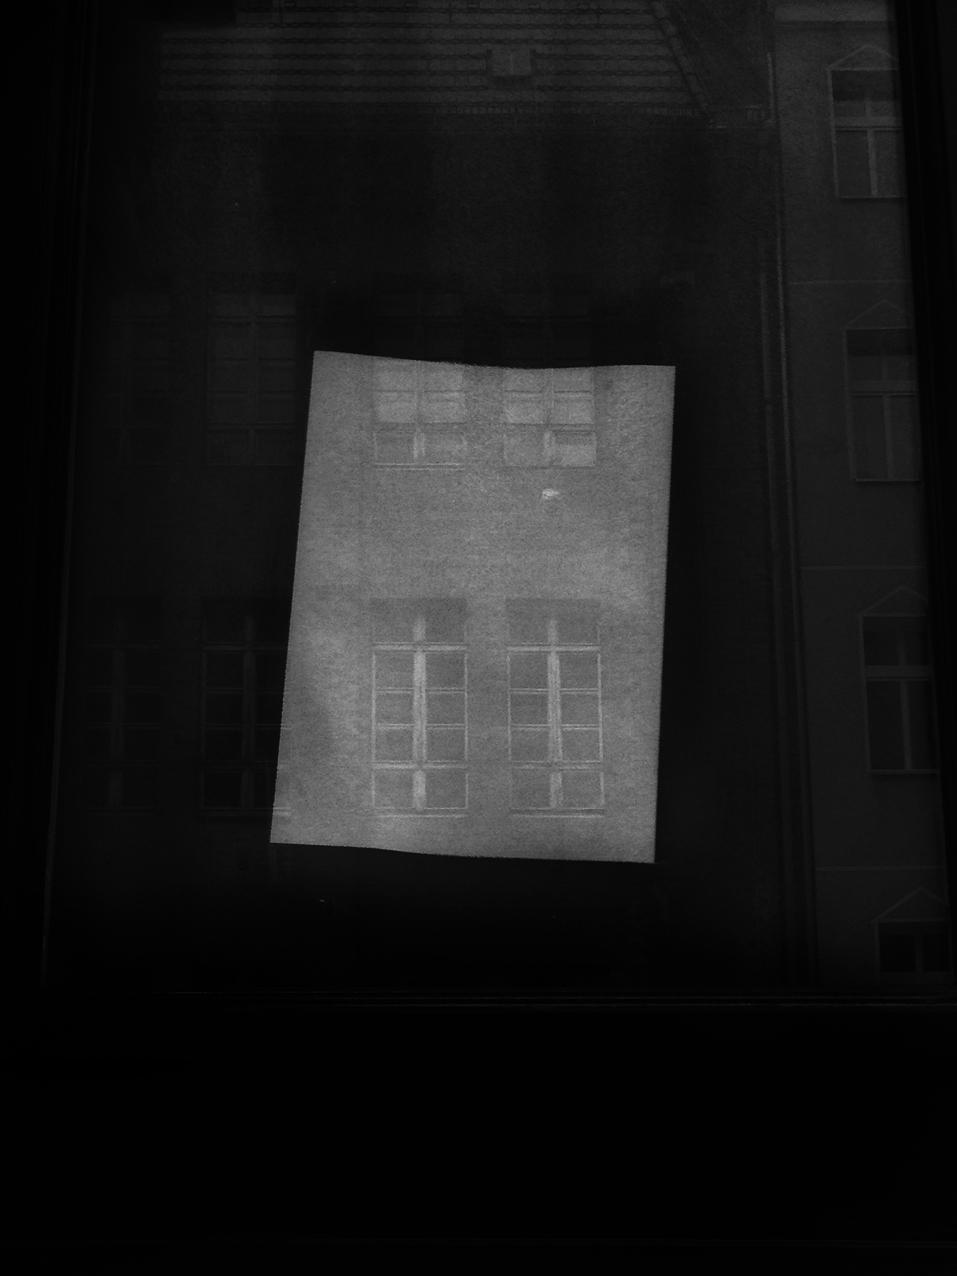 Letter, 2015, archival pigment print,70x52 cm